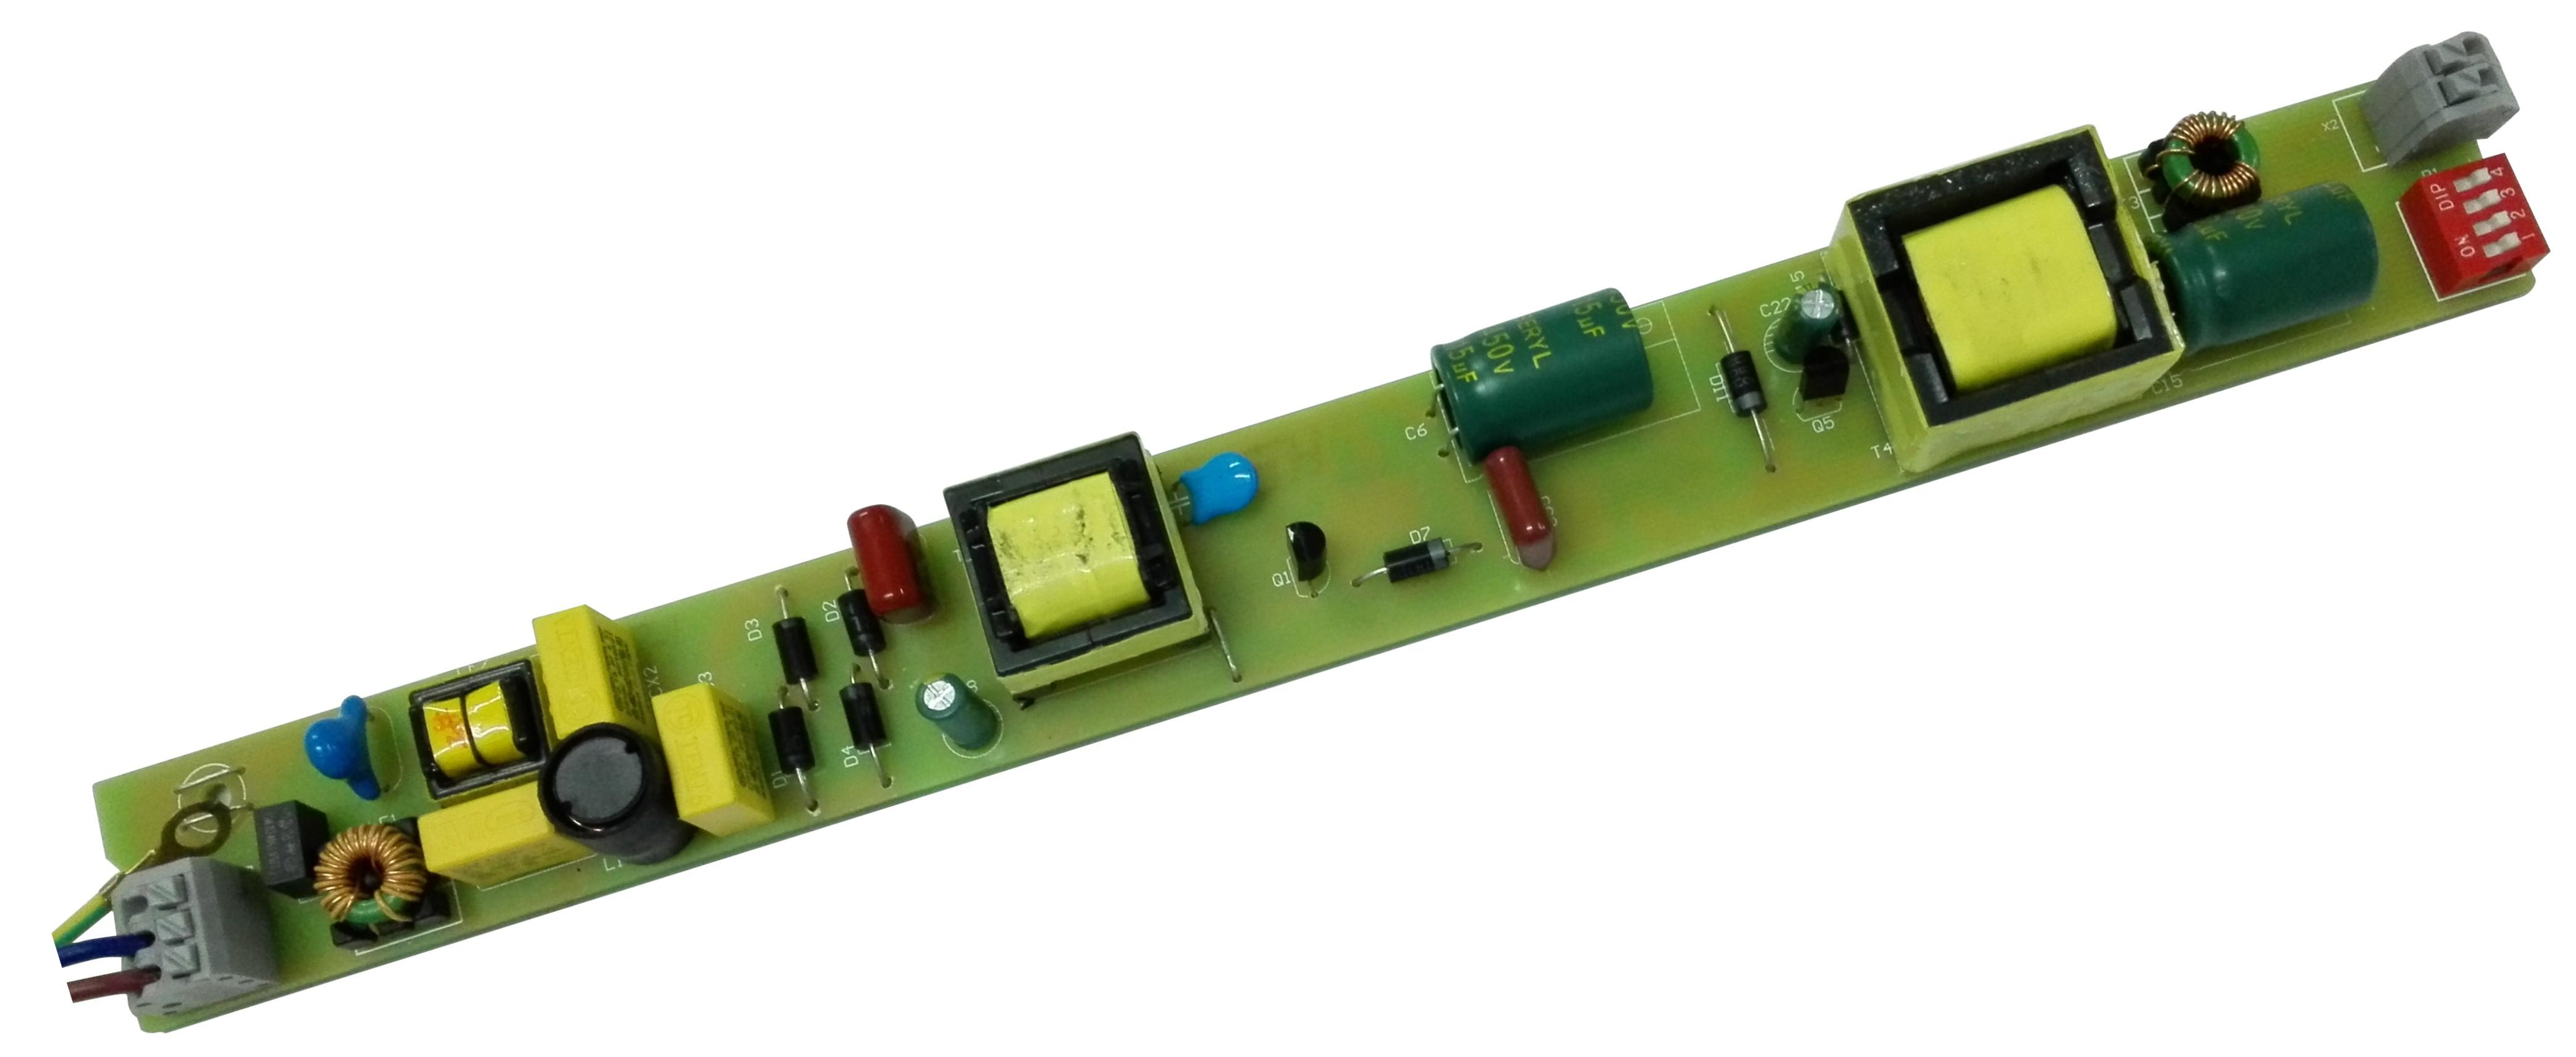 jbf4171线隔离模块的接线图